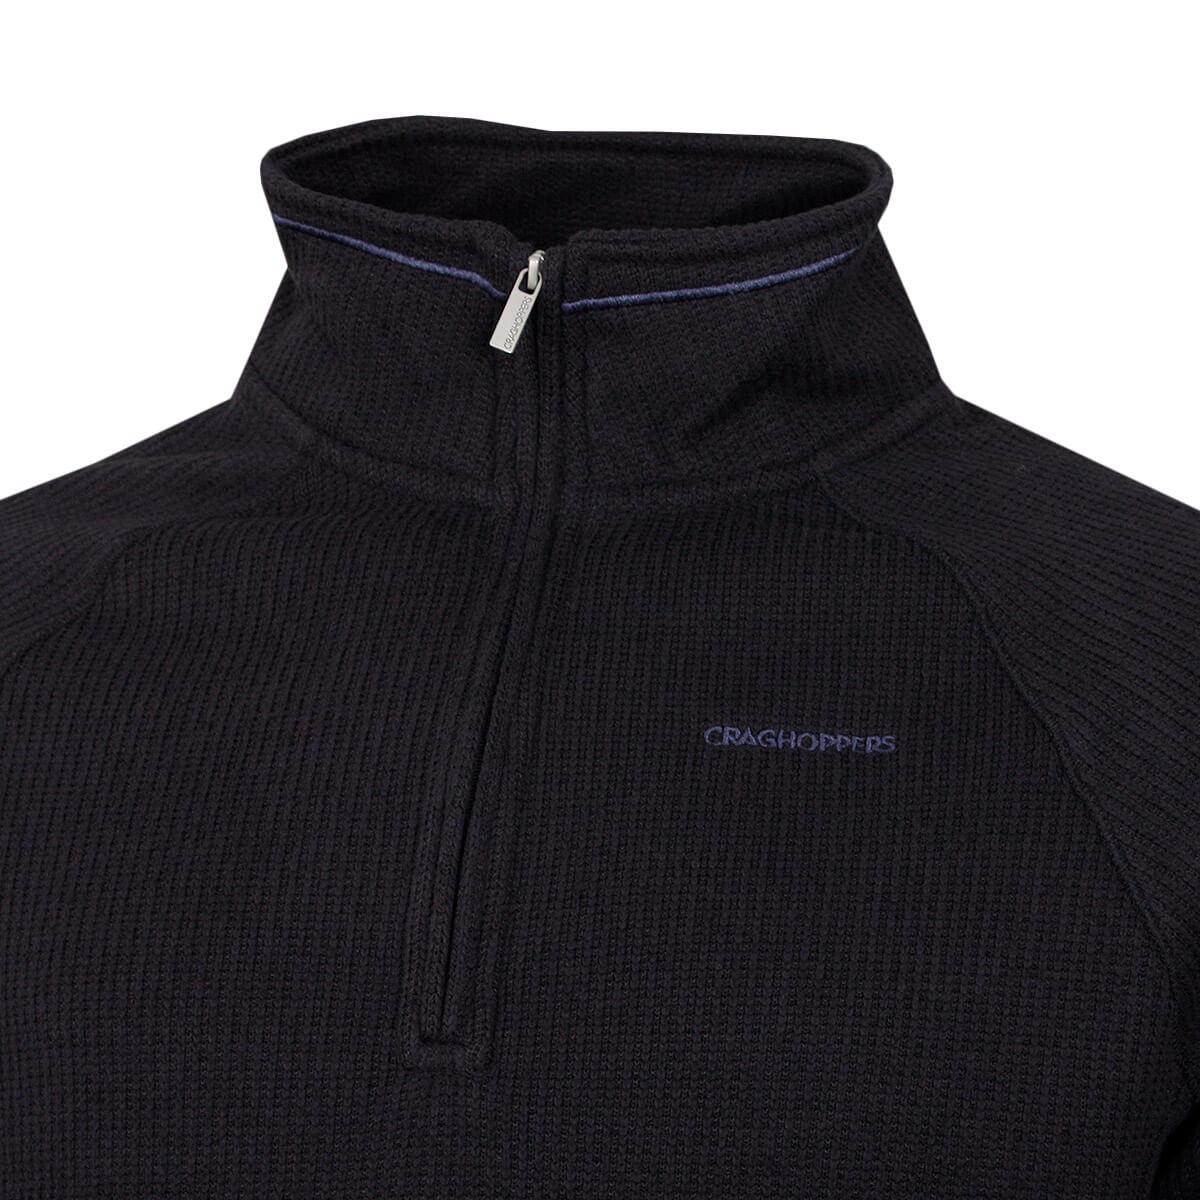 Craghoppers-Mens-Norton-Half-Zip-Fleece-Outdoor-Sweater-Pullover-60-OFF-RRP Indexbild 4